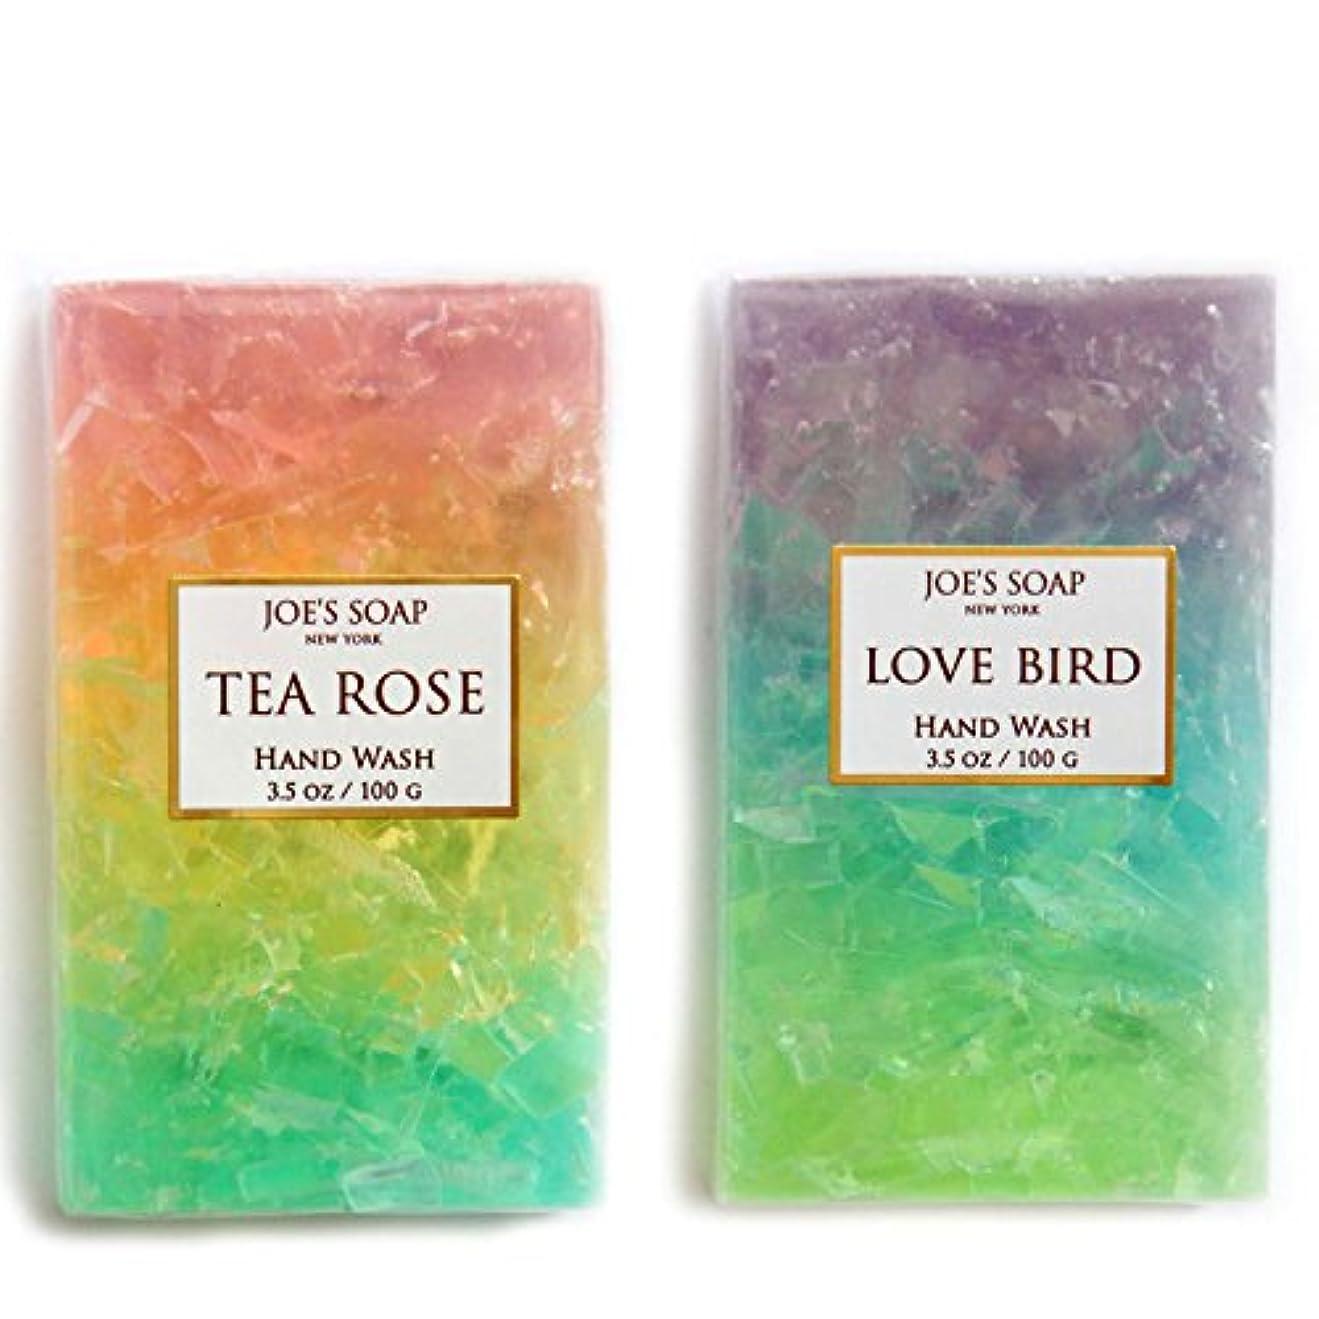 クラシカル機械的に不調和JOE'S SOAP ジョーズソープ グラスソープ 石鹸 100g(TEA ROSE、LOVE BIRD、2個セット)